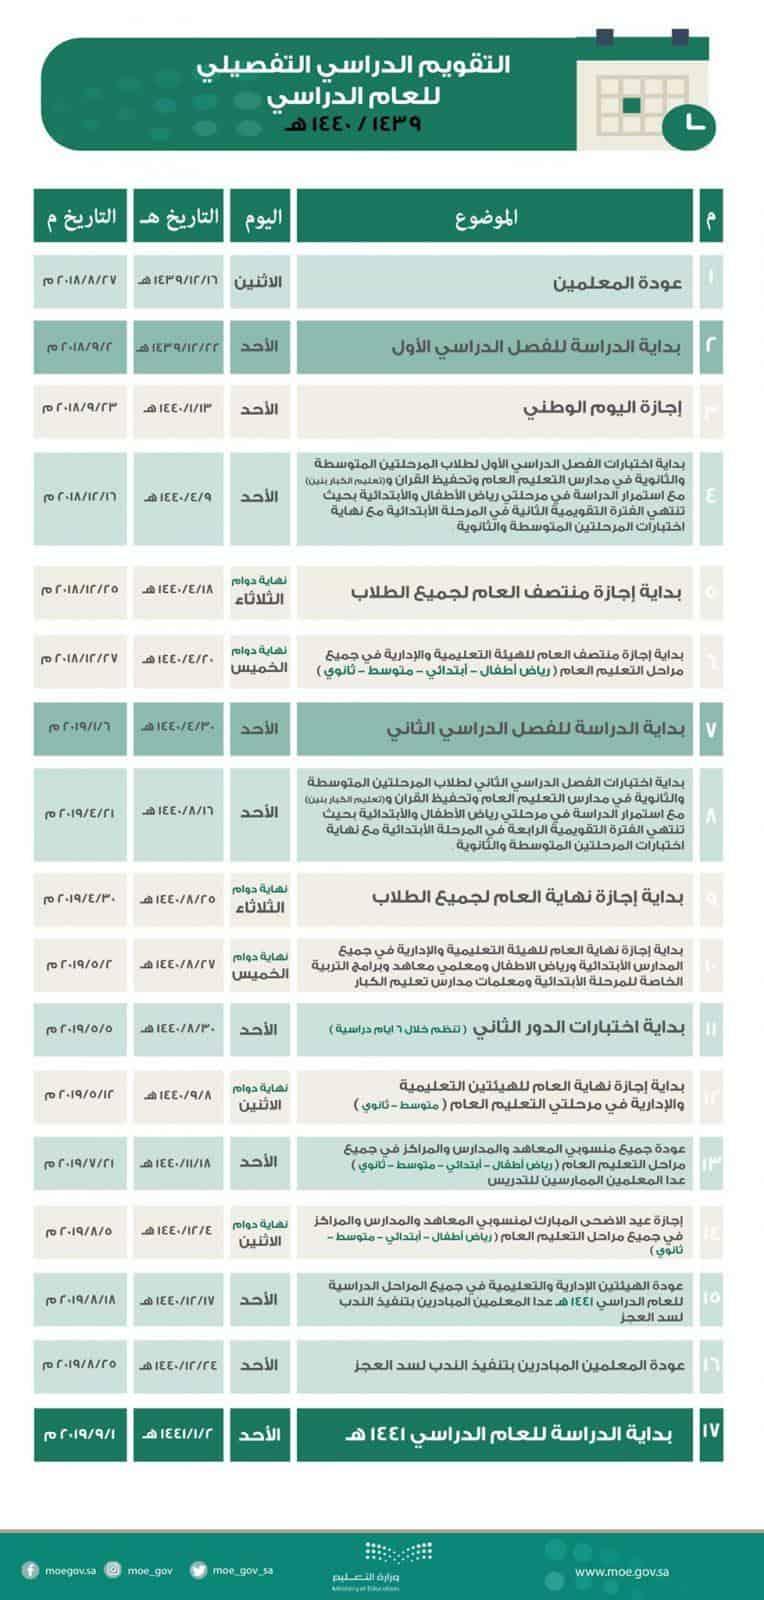 موعد عودة المعلمين والإداريين للعام الدراسي الجديد 2020 1441 ثقفني